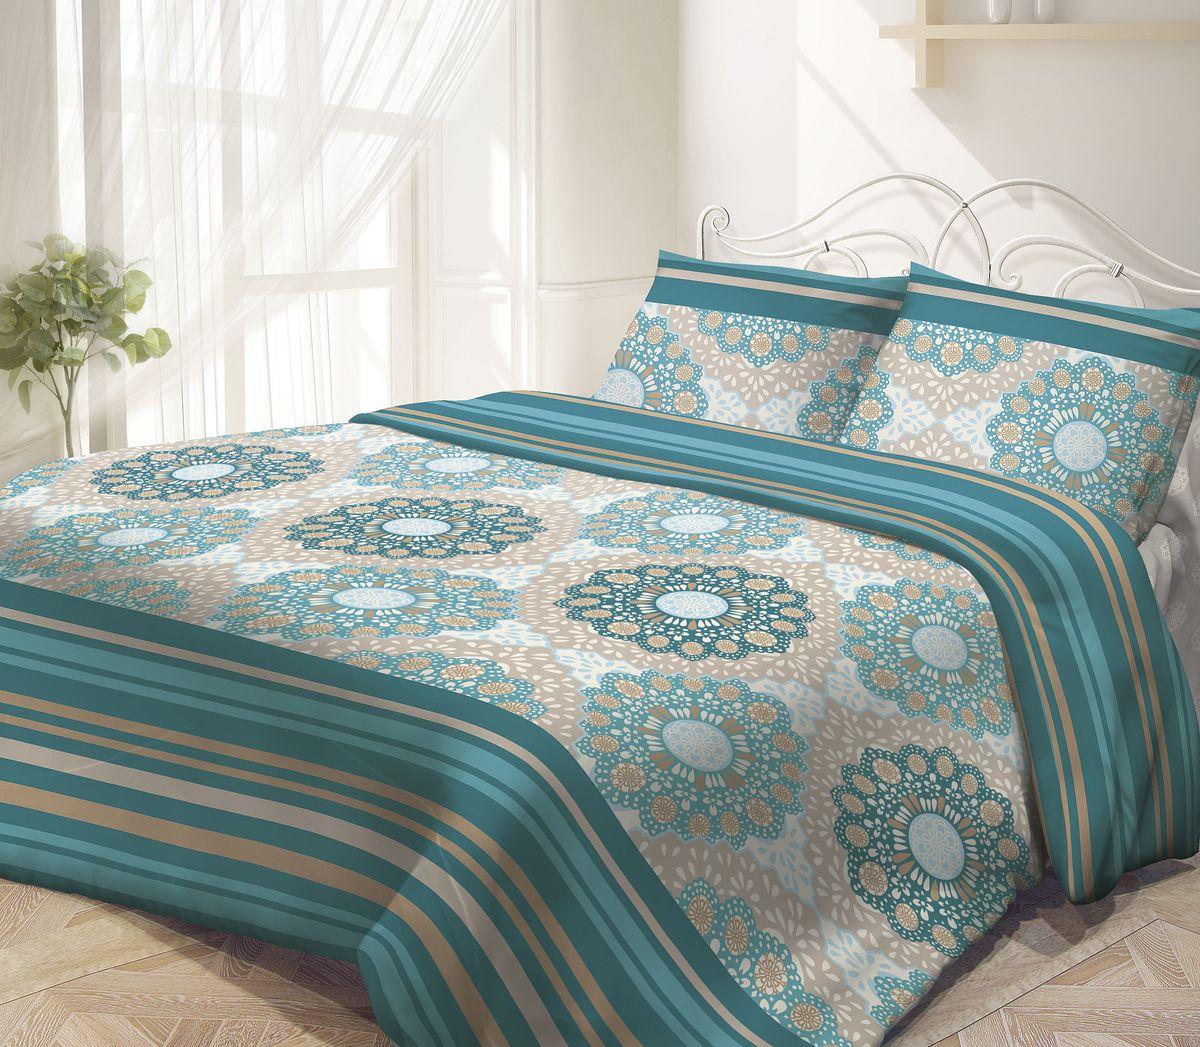 Комплект белья Гармония Восток-Запад, 1,5-спальный, наволочки 50х70, цвет: зеленый, серыйS03301004Комплект постельного белья Восток-Запад является экологически безопасным, так как выполнен из поплина (100% хлопка). Комплект состоит из пододеяльника, простыни и двух наволочек. Постельное белье оформлено красивым орнаментом и имеет изысканный внешний вид. Постельное белье Гармония - лучший выбор для современной хозяйки! Его отличают демократичная цена и отличное качество. Поплин мягкий и приятный на ощупь. Кроме того, эта ткань не требует особого ухода, легко стирается и прекрасно держит форму. Высококачественные красители, которые используются при производстве постельного белья, сохраняют свой цвет даже после многочисленных стирок.